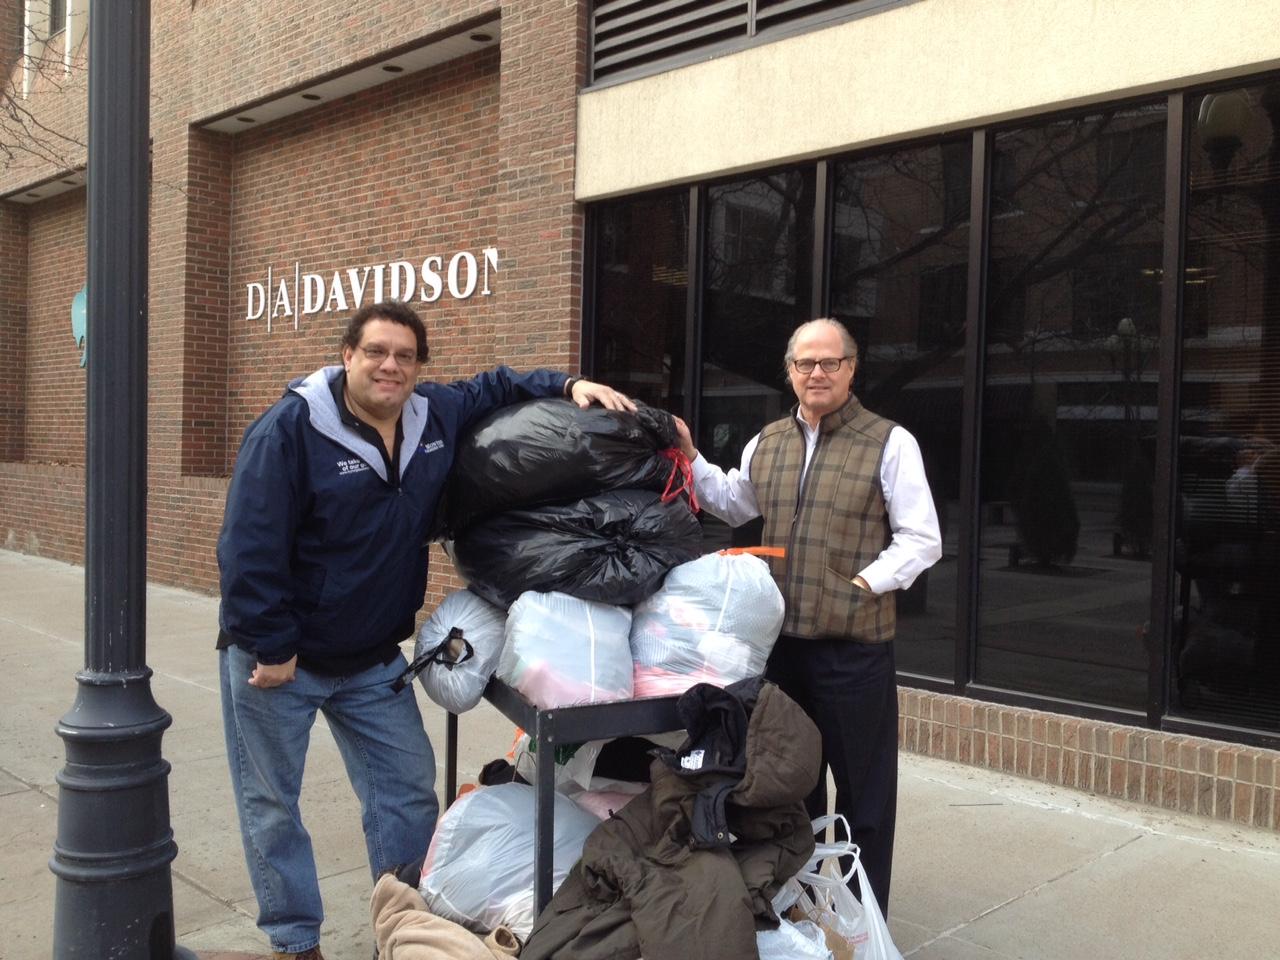 DA Davidson Donation - Dave & Dan